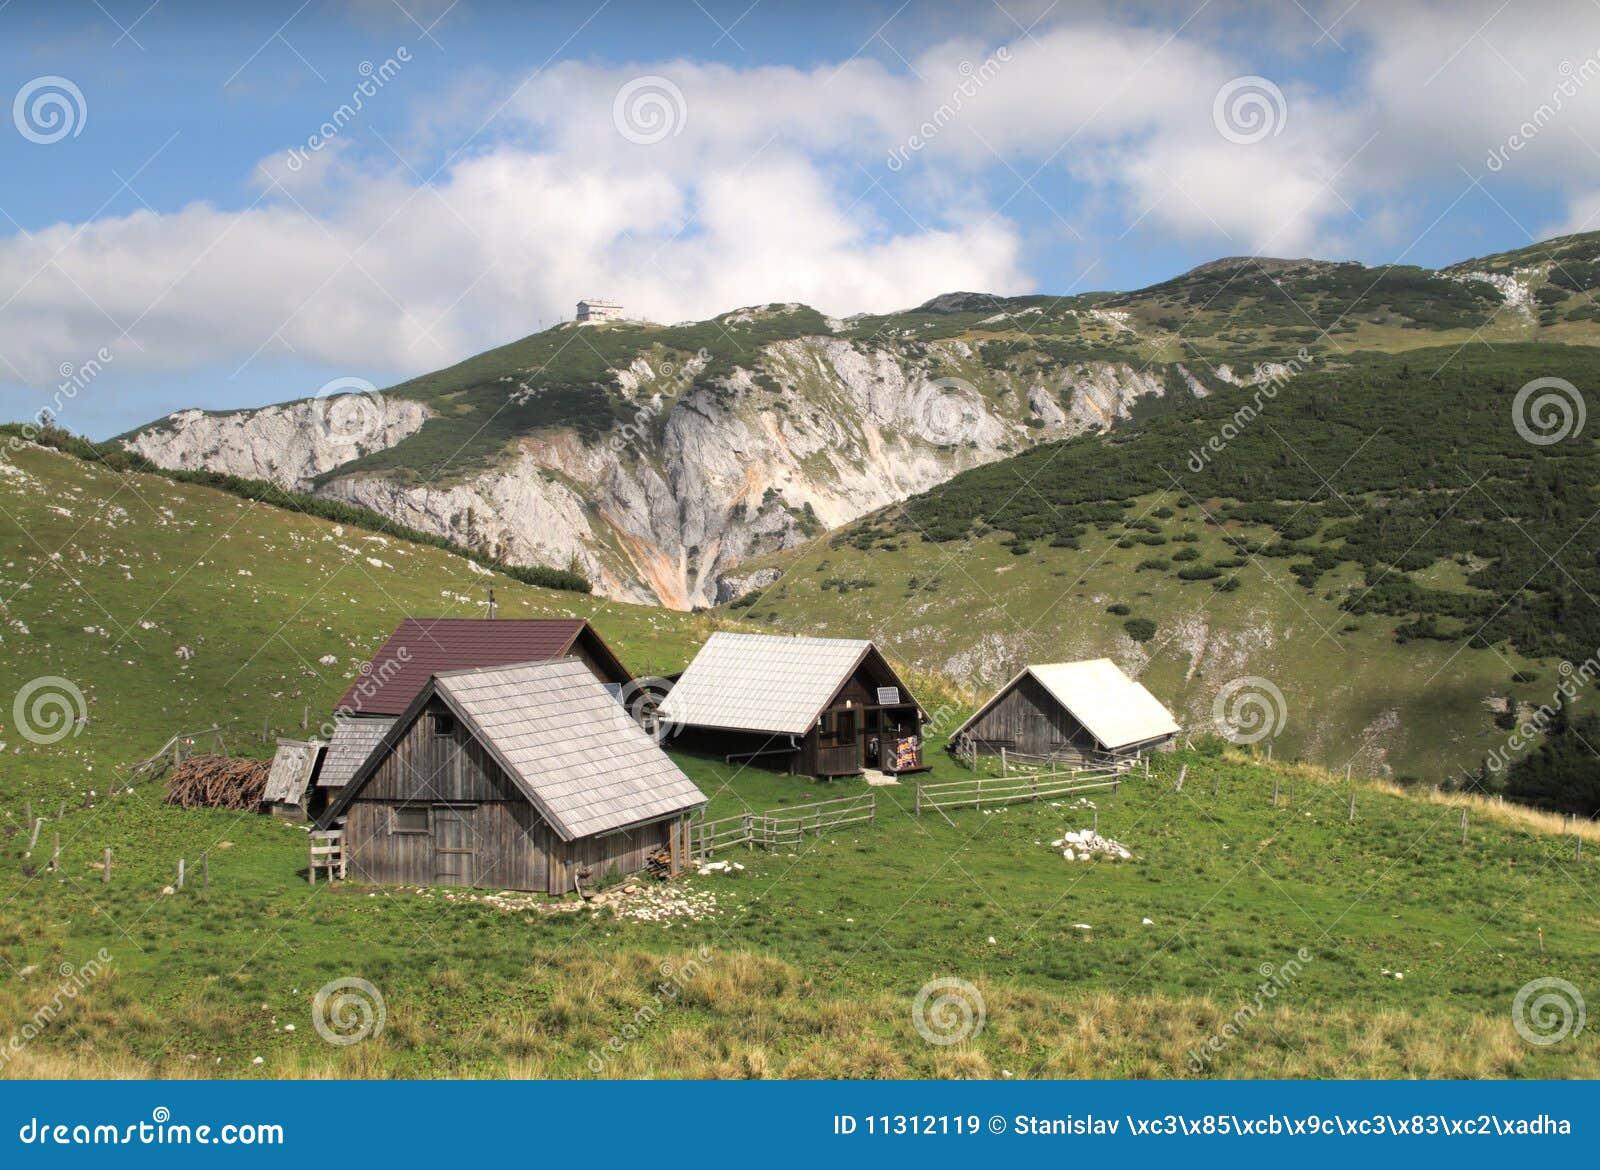 Chalets auf der Methode von Heukuppe zur Habsburk Hütte